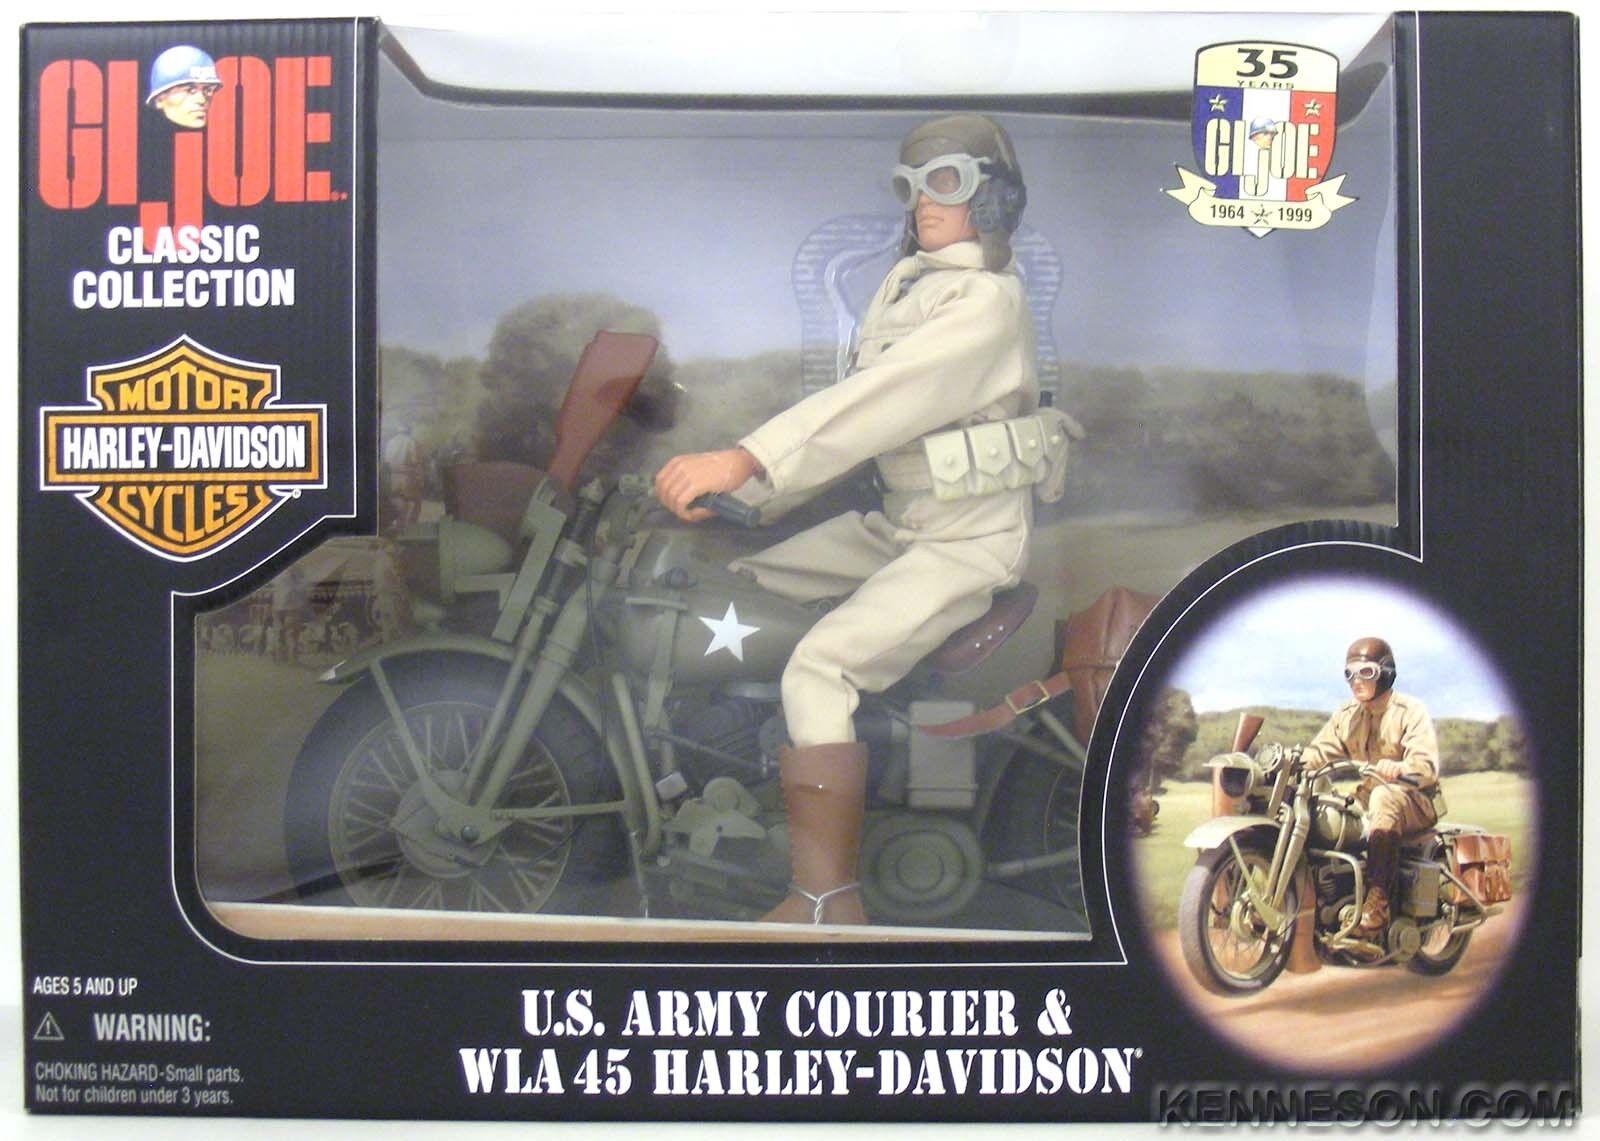 Gi - joe - klassiker der us - armee im kurier - wla 45 harley - davidson motorrad blaue augen